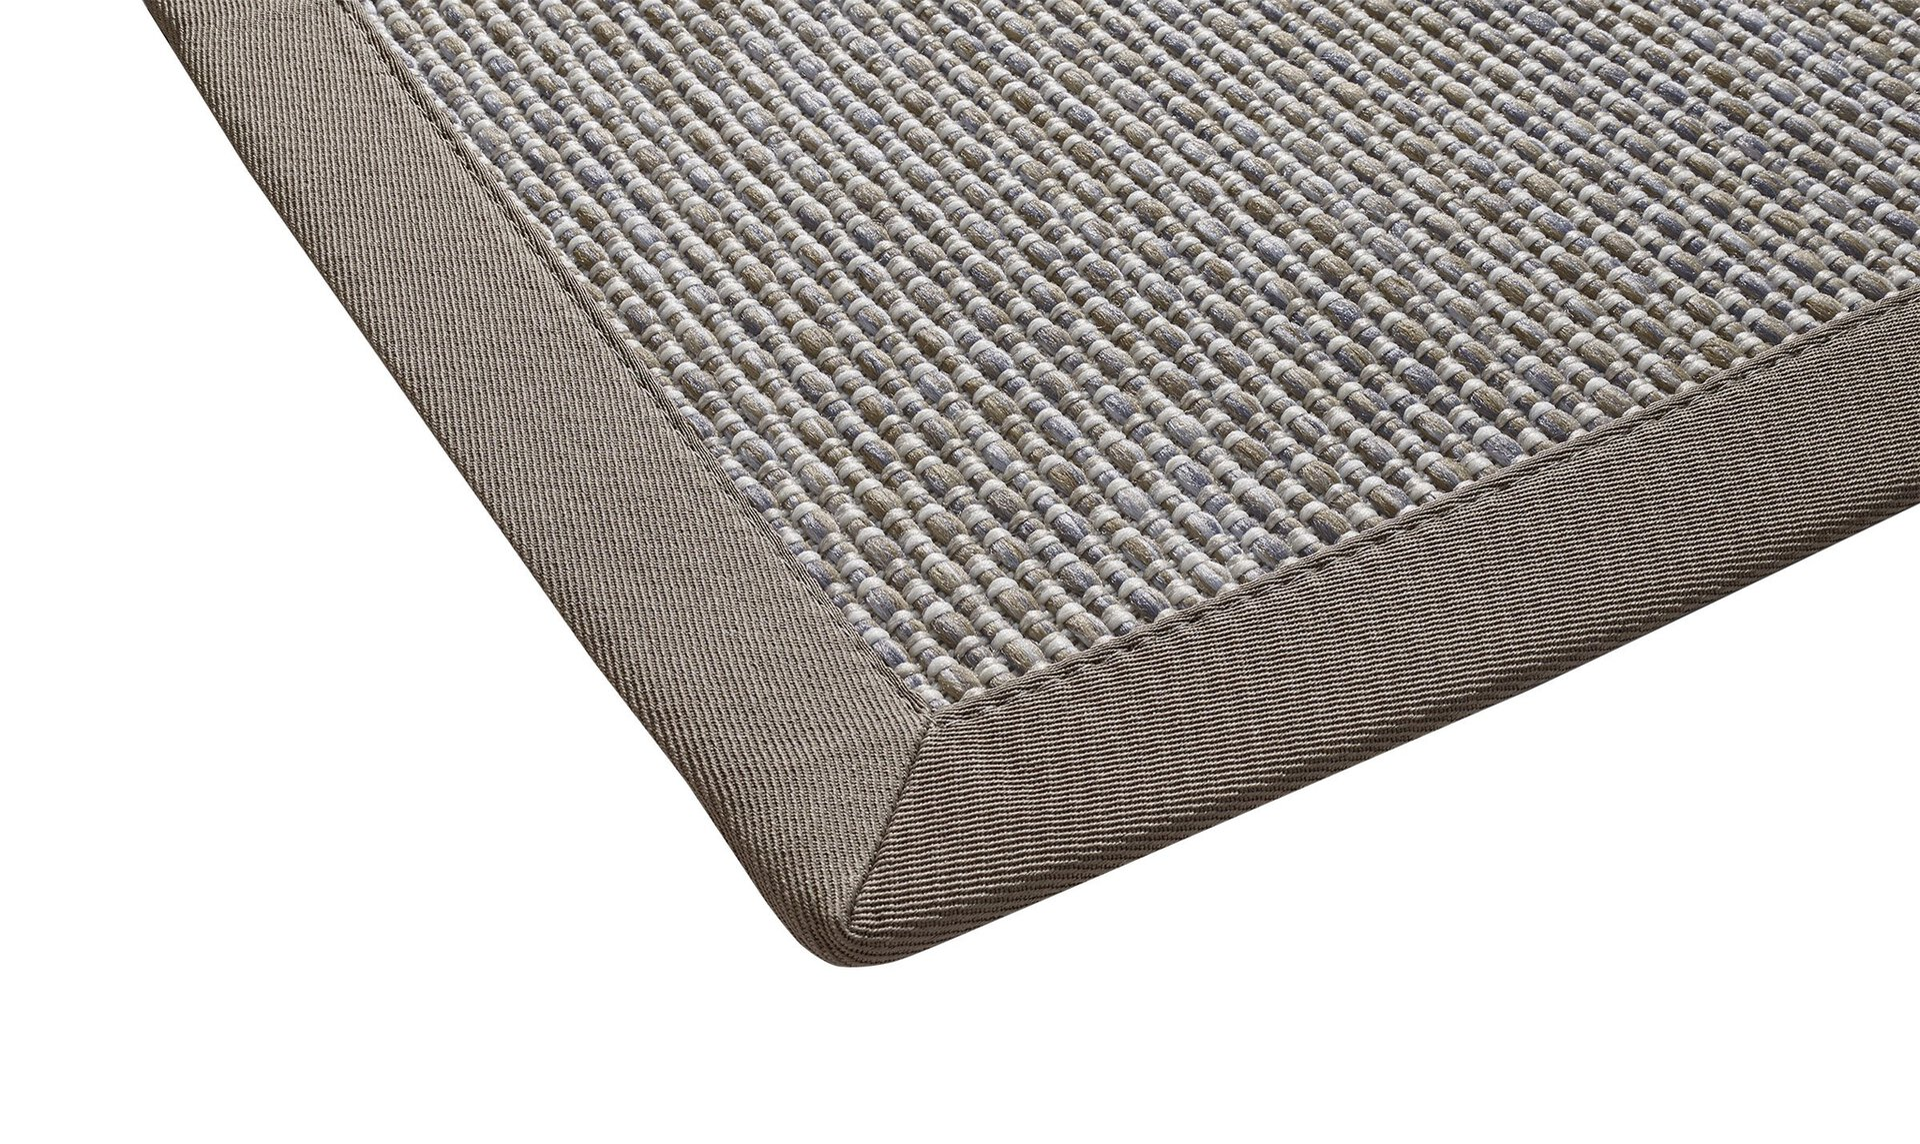 Outdoorteppich Naturino Color DEKOWE Textil grau 67 x 133 cm